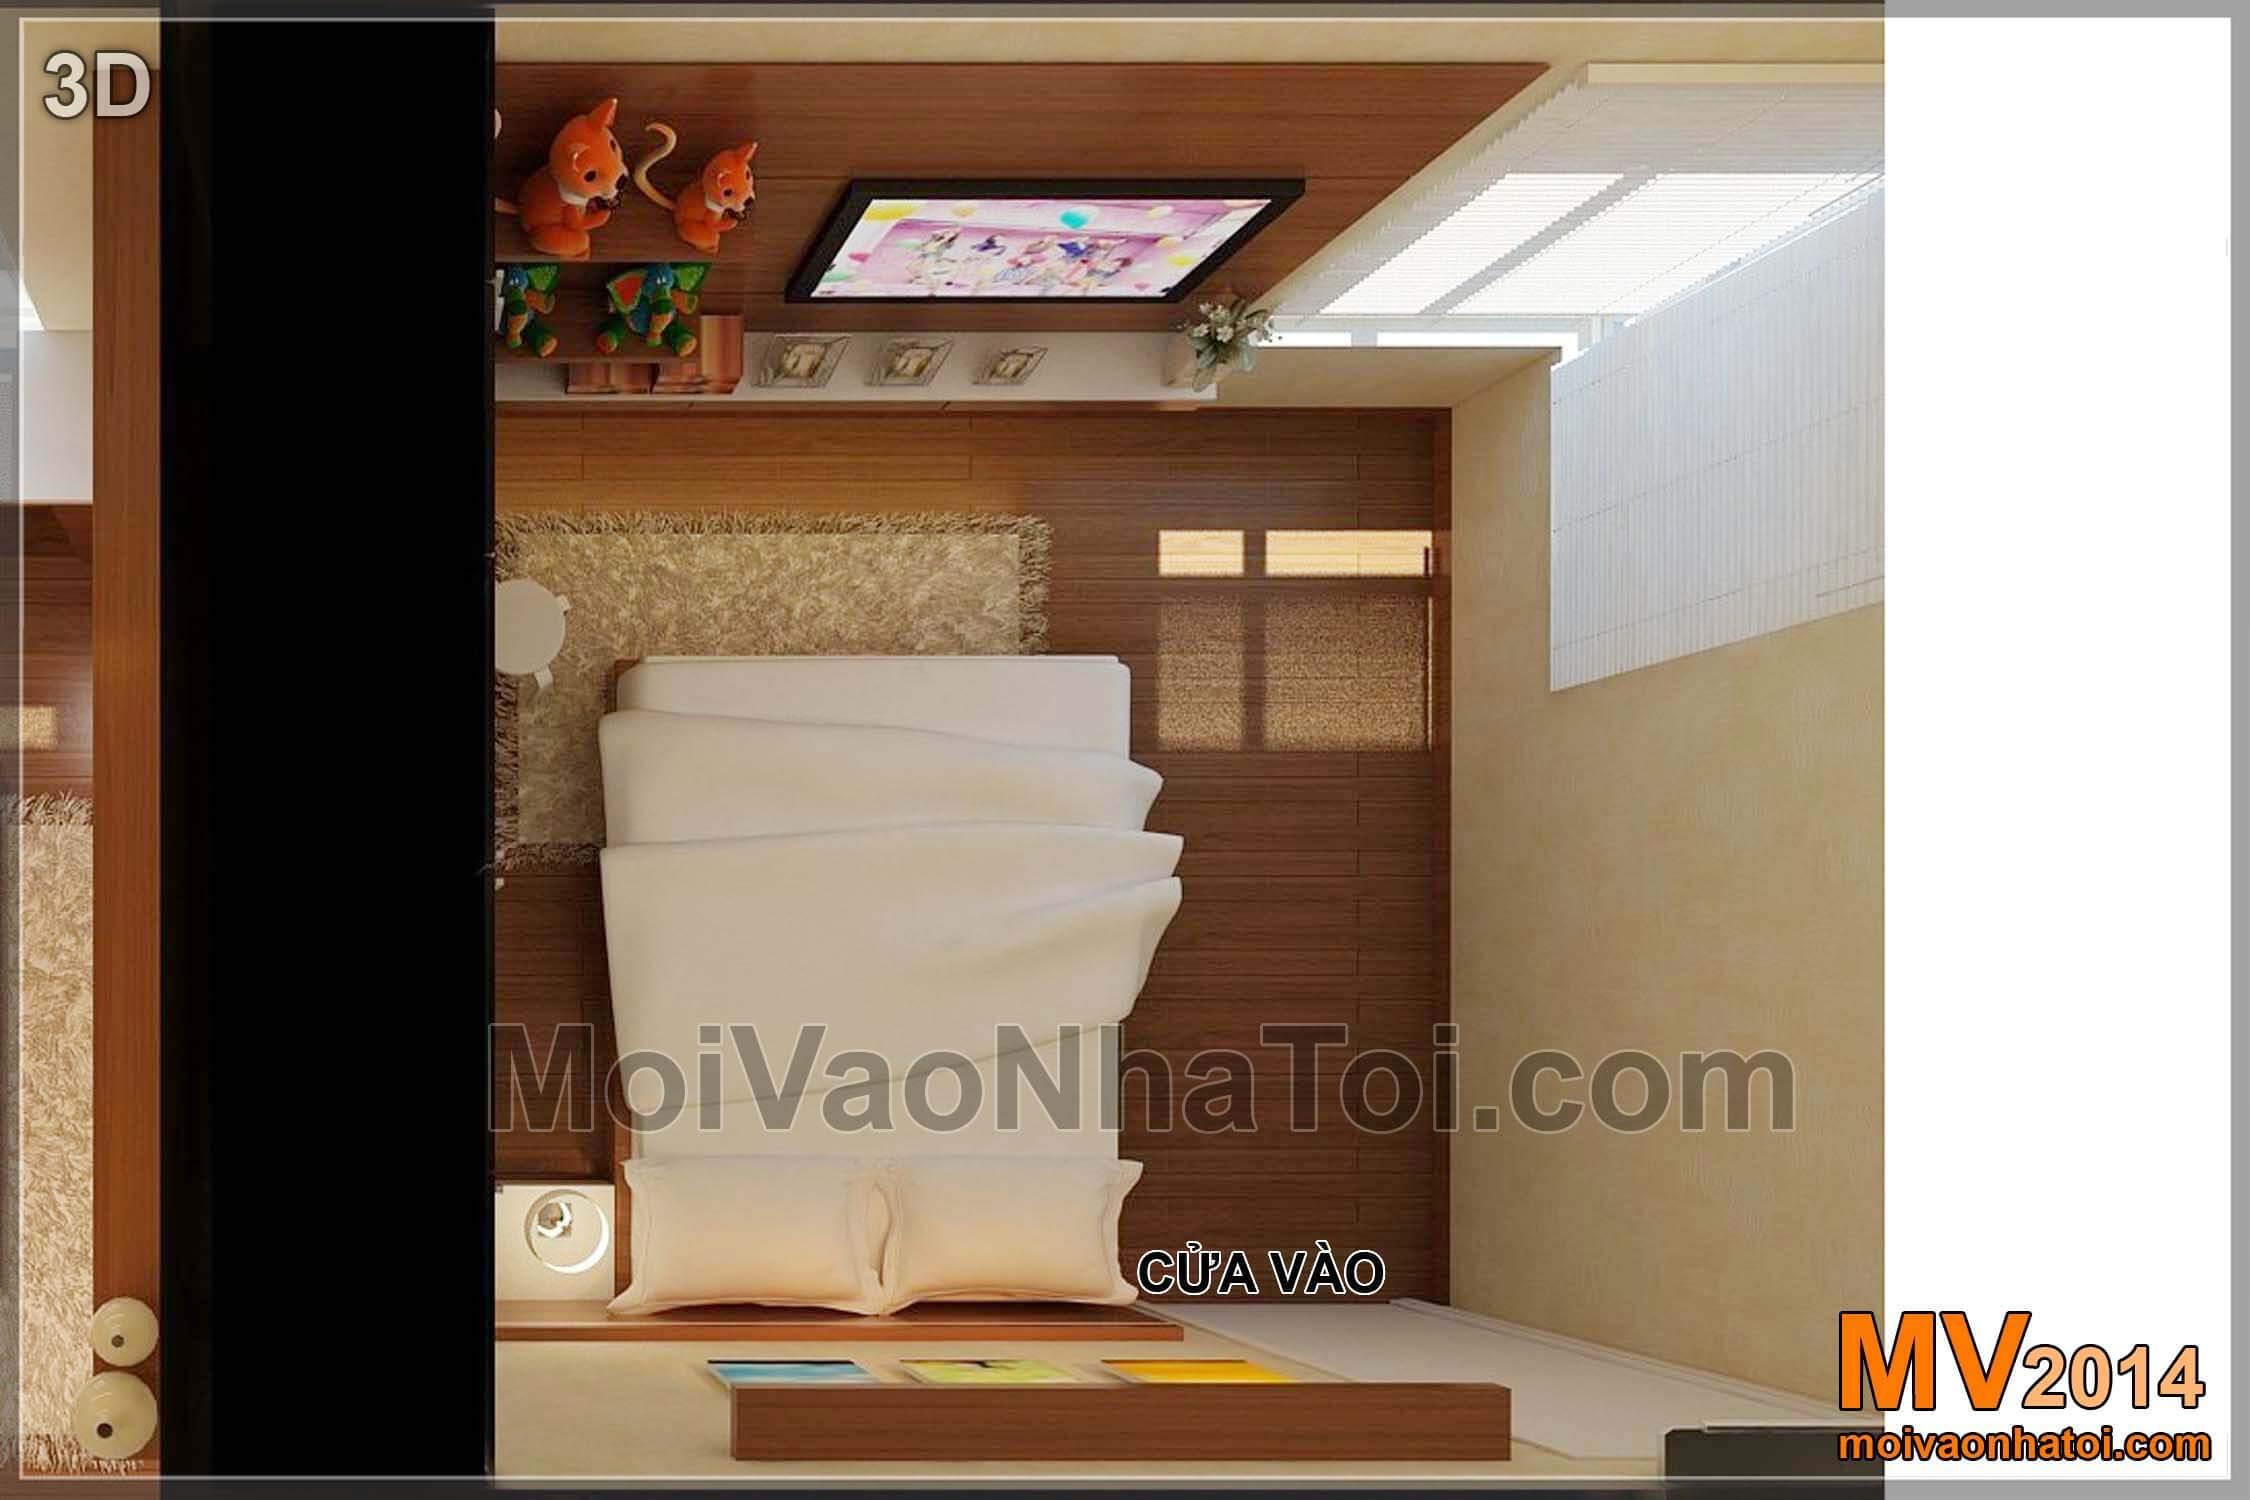 Phòng ngủ 02 - Phòng ngủ con gái - góc nhìn từ trên xuống